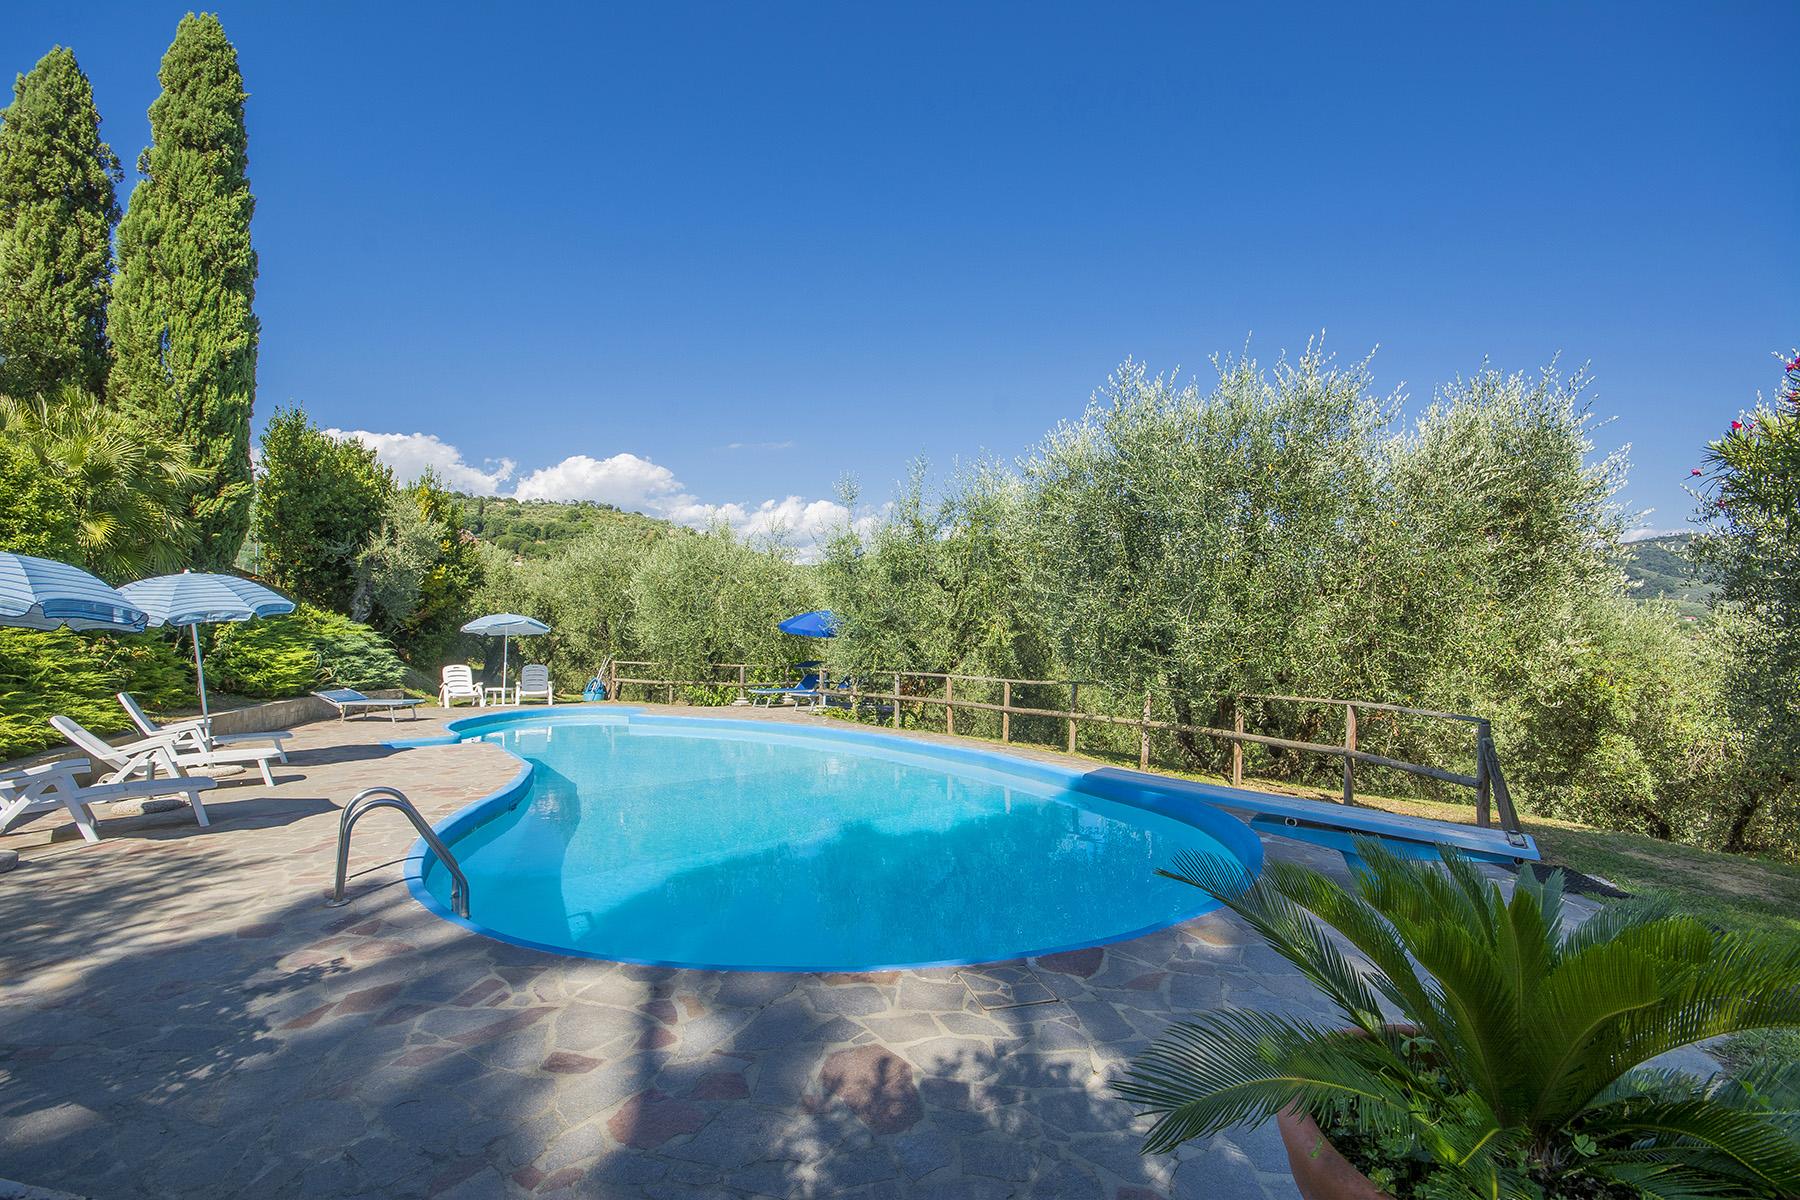 Rustico in Vendita a Monsummano Terme: 5 locali, 570 mq - Foto 13